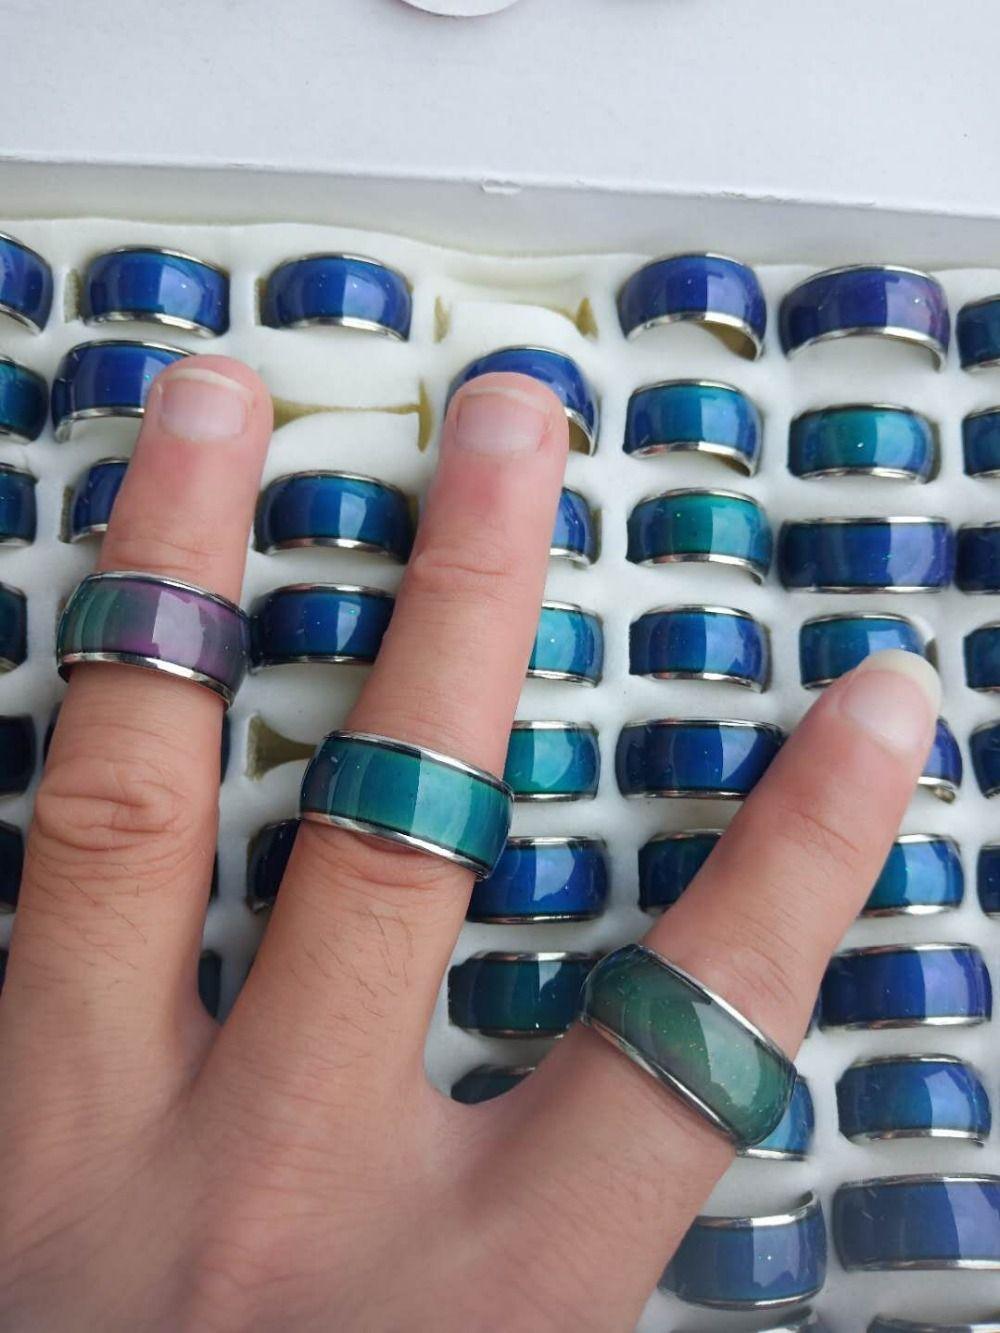 Anel de humor 10mm de largura anel de estudante de aço inoxidável anel de mudança de cor mix tamanho 17 a 21